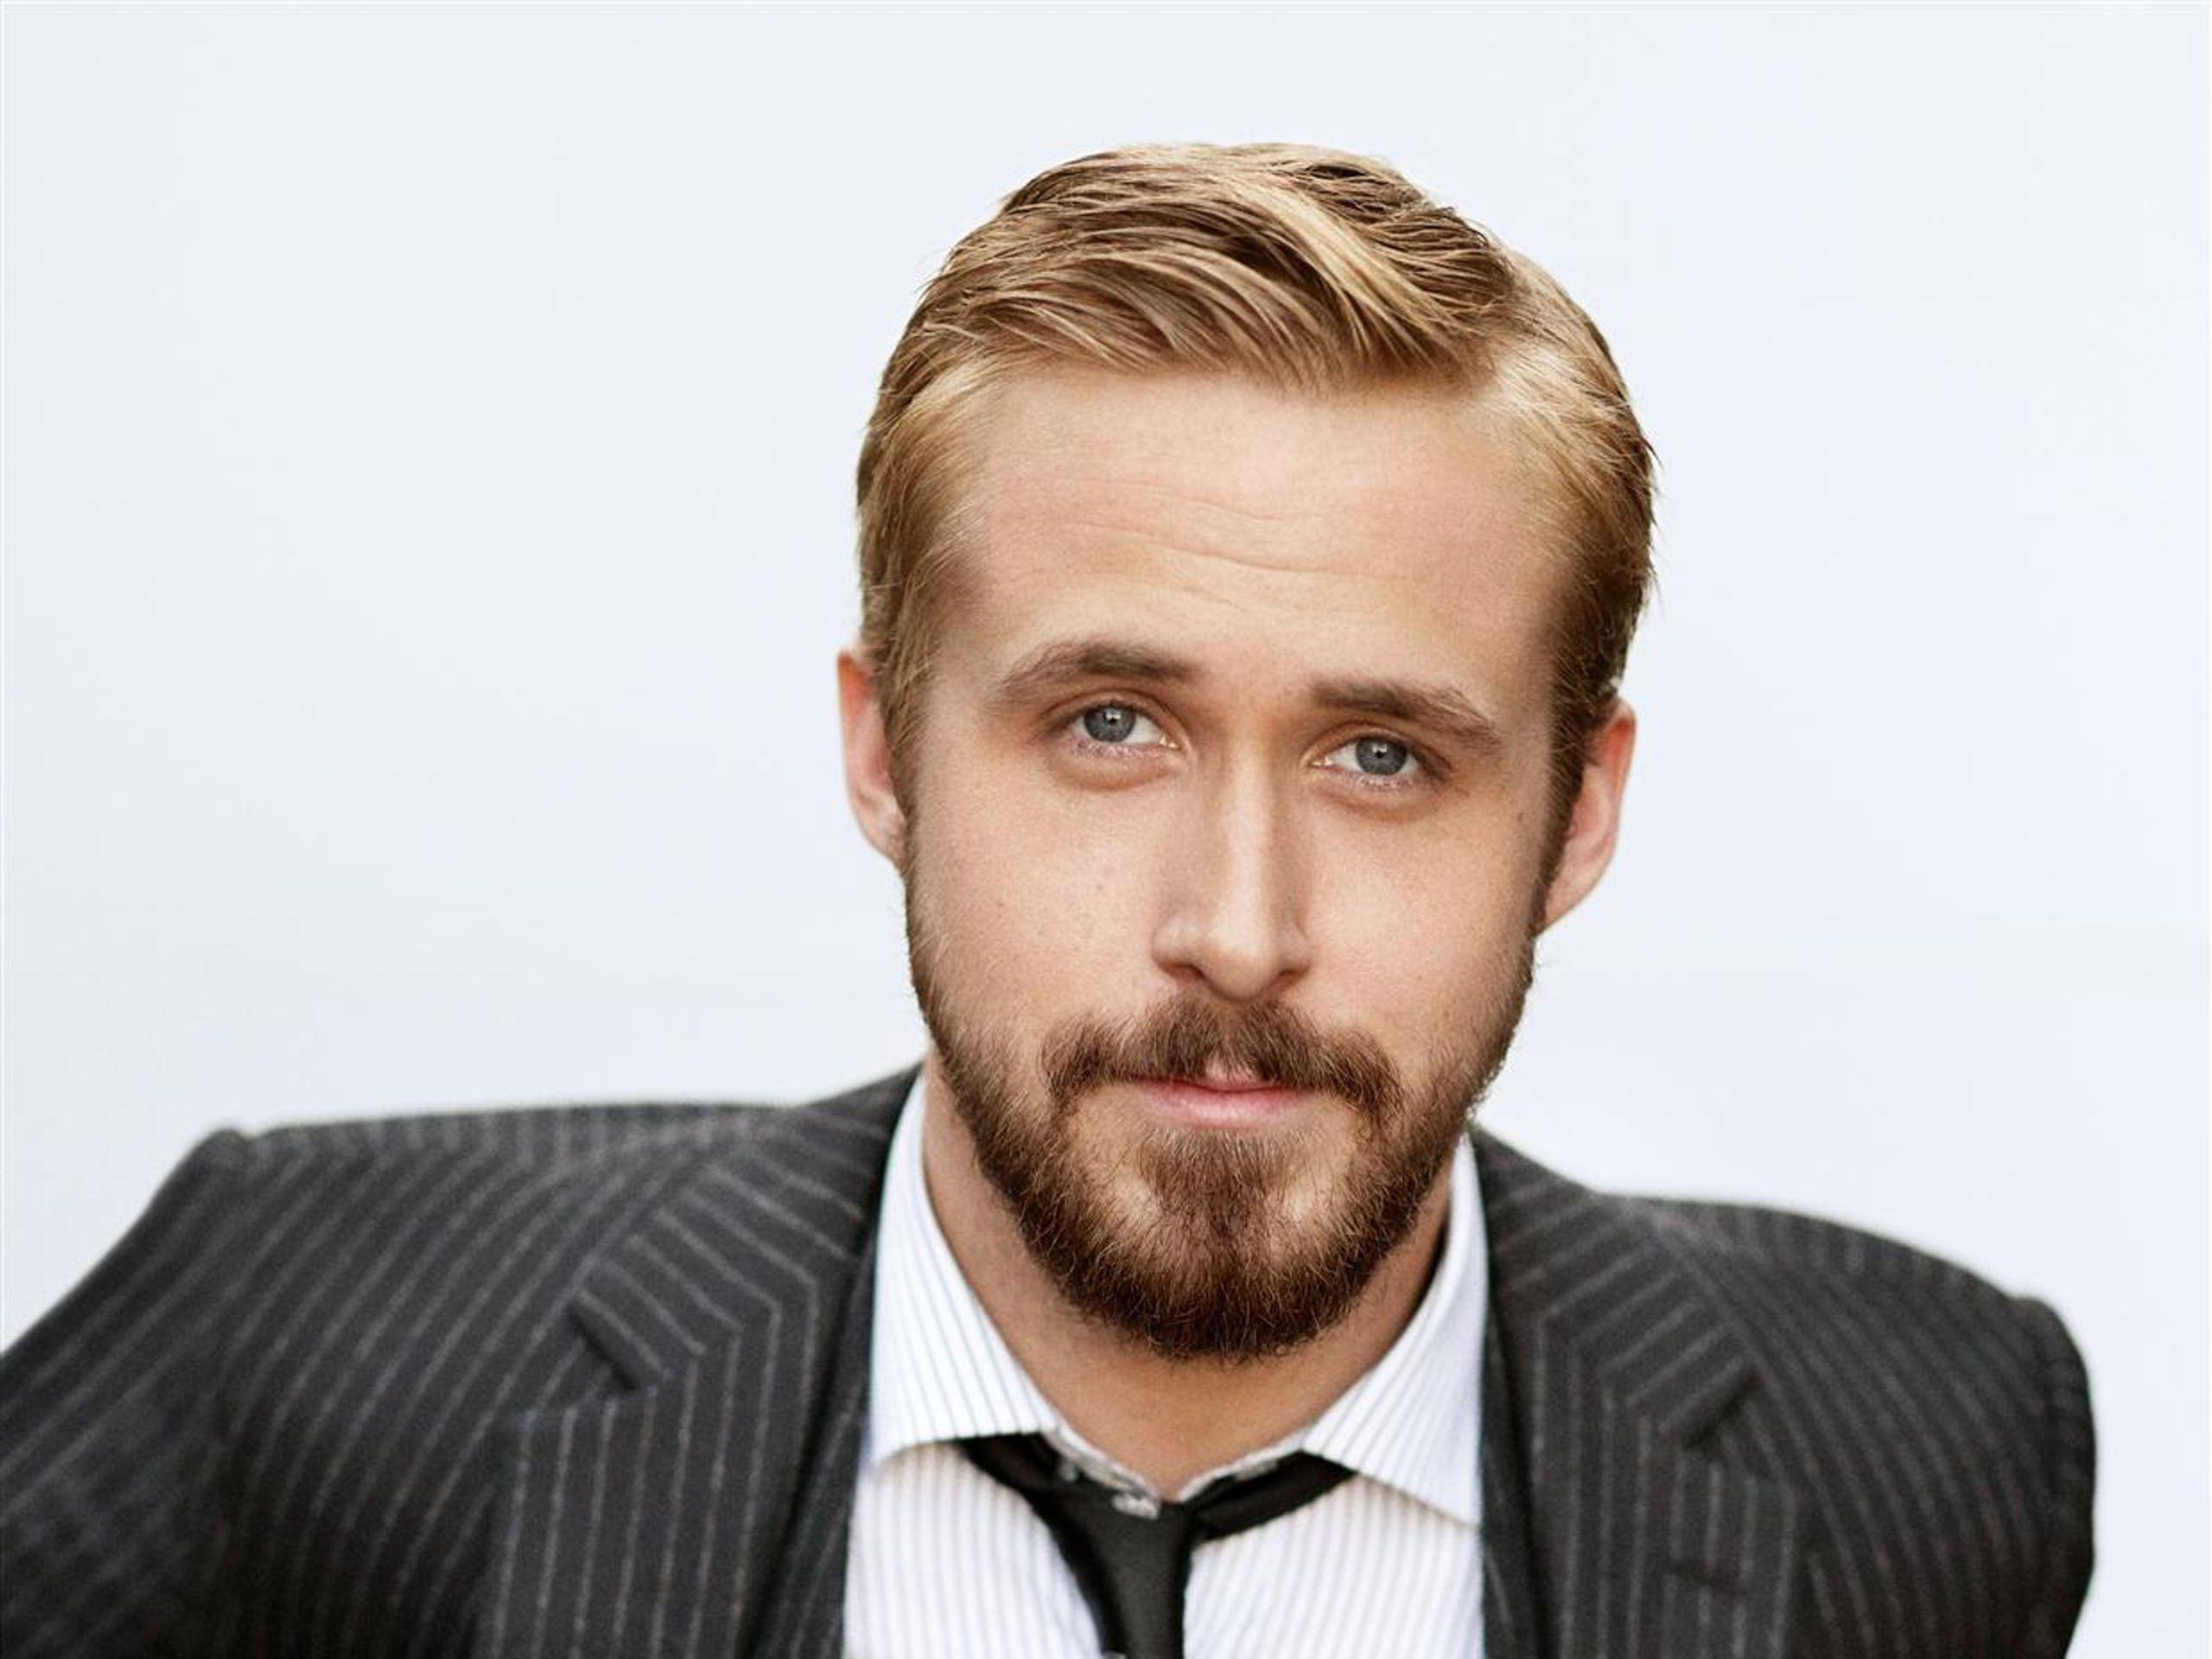 بهترین فیلمهای رایانگاسلینگ (ryan gosling) از نگاه سایت متاکریت